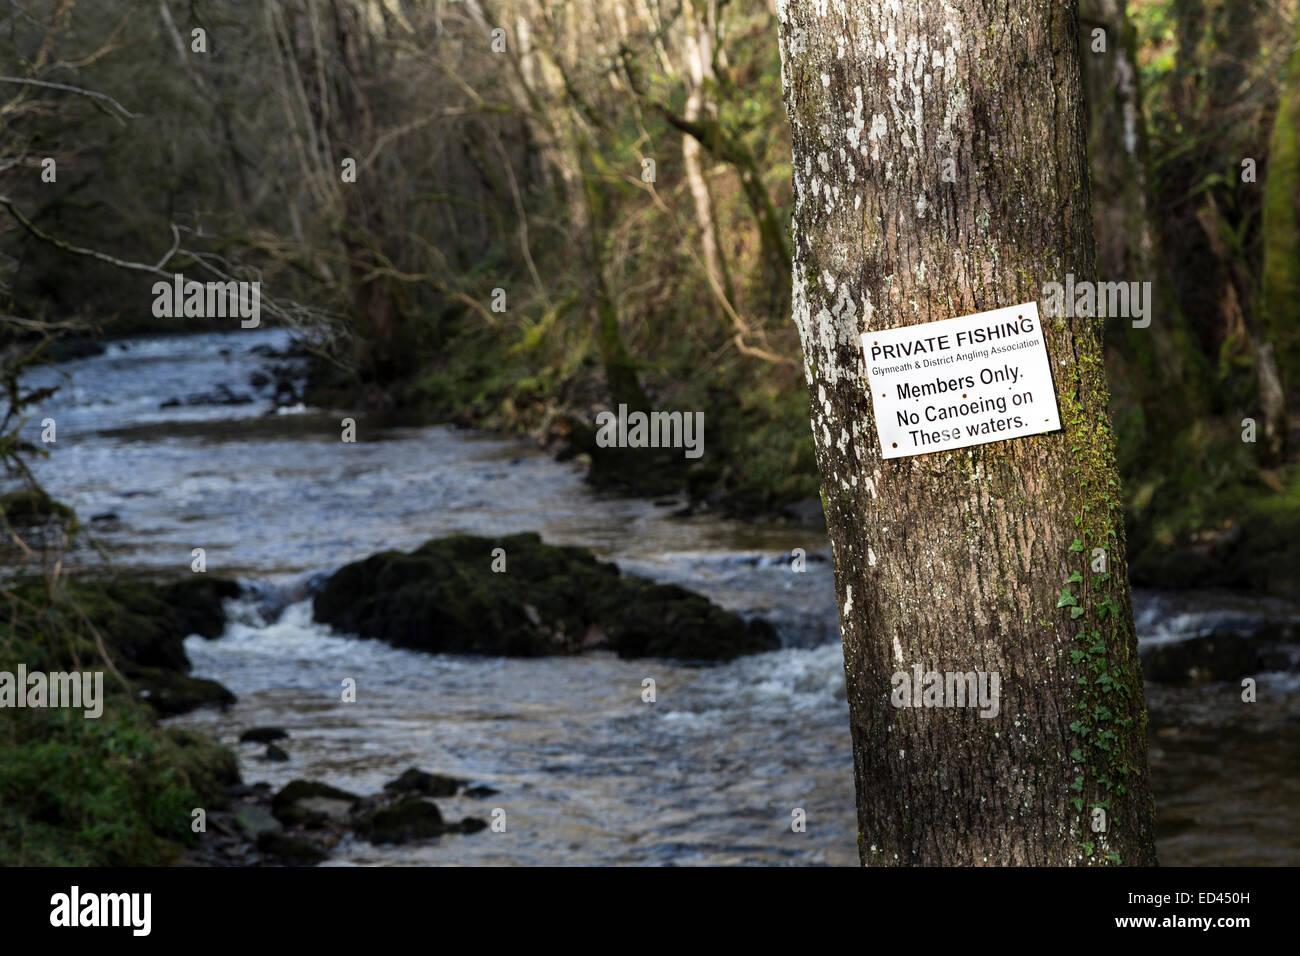 Privato non pesca in canoa sul fiume segno sulle cascate a piedi, Pontneddfechan, Wales, Regno Unito Immagini Stock